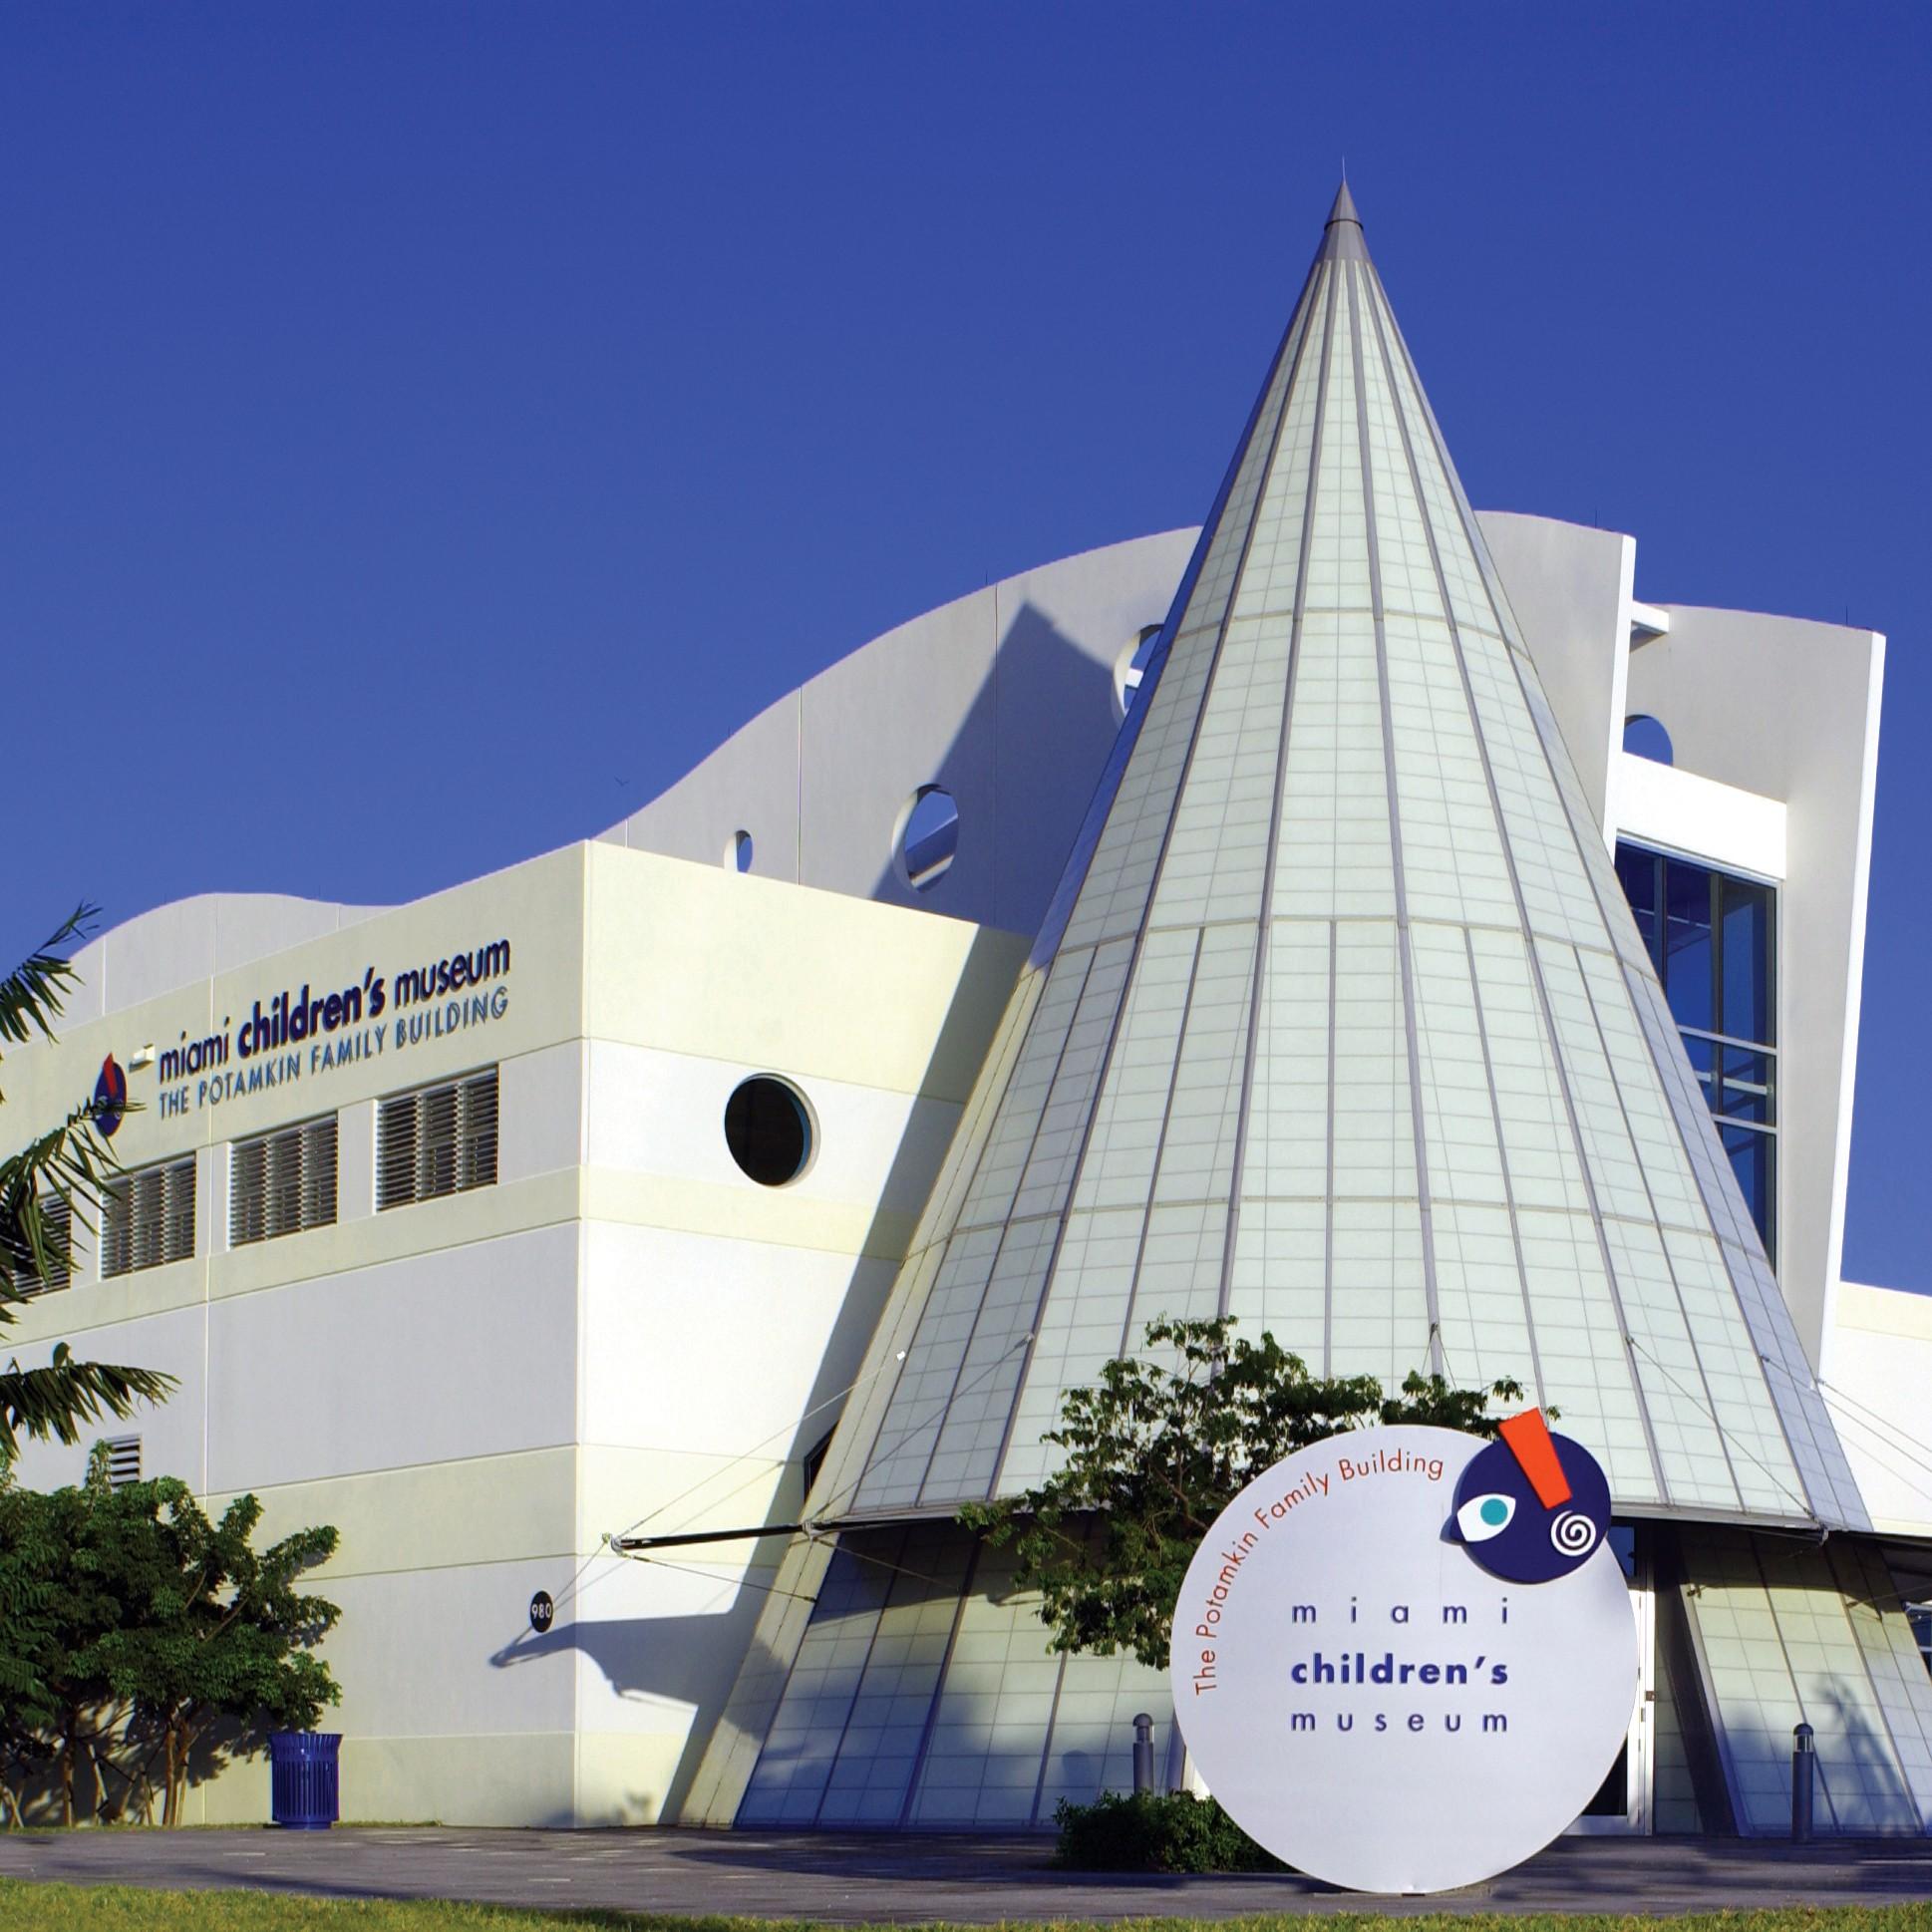 Miami Children's Museum